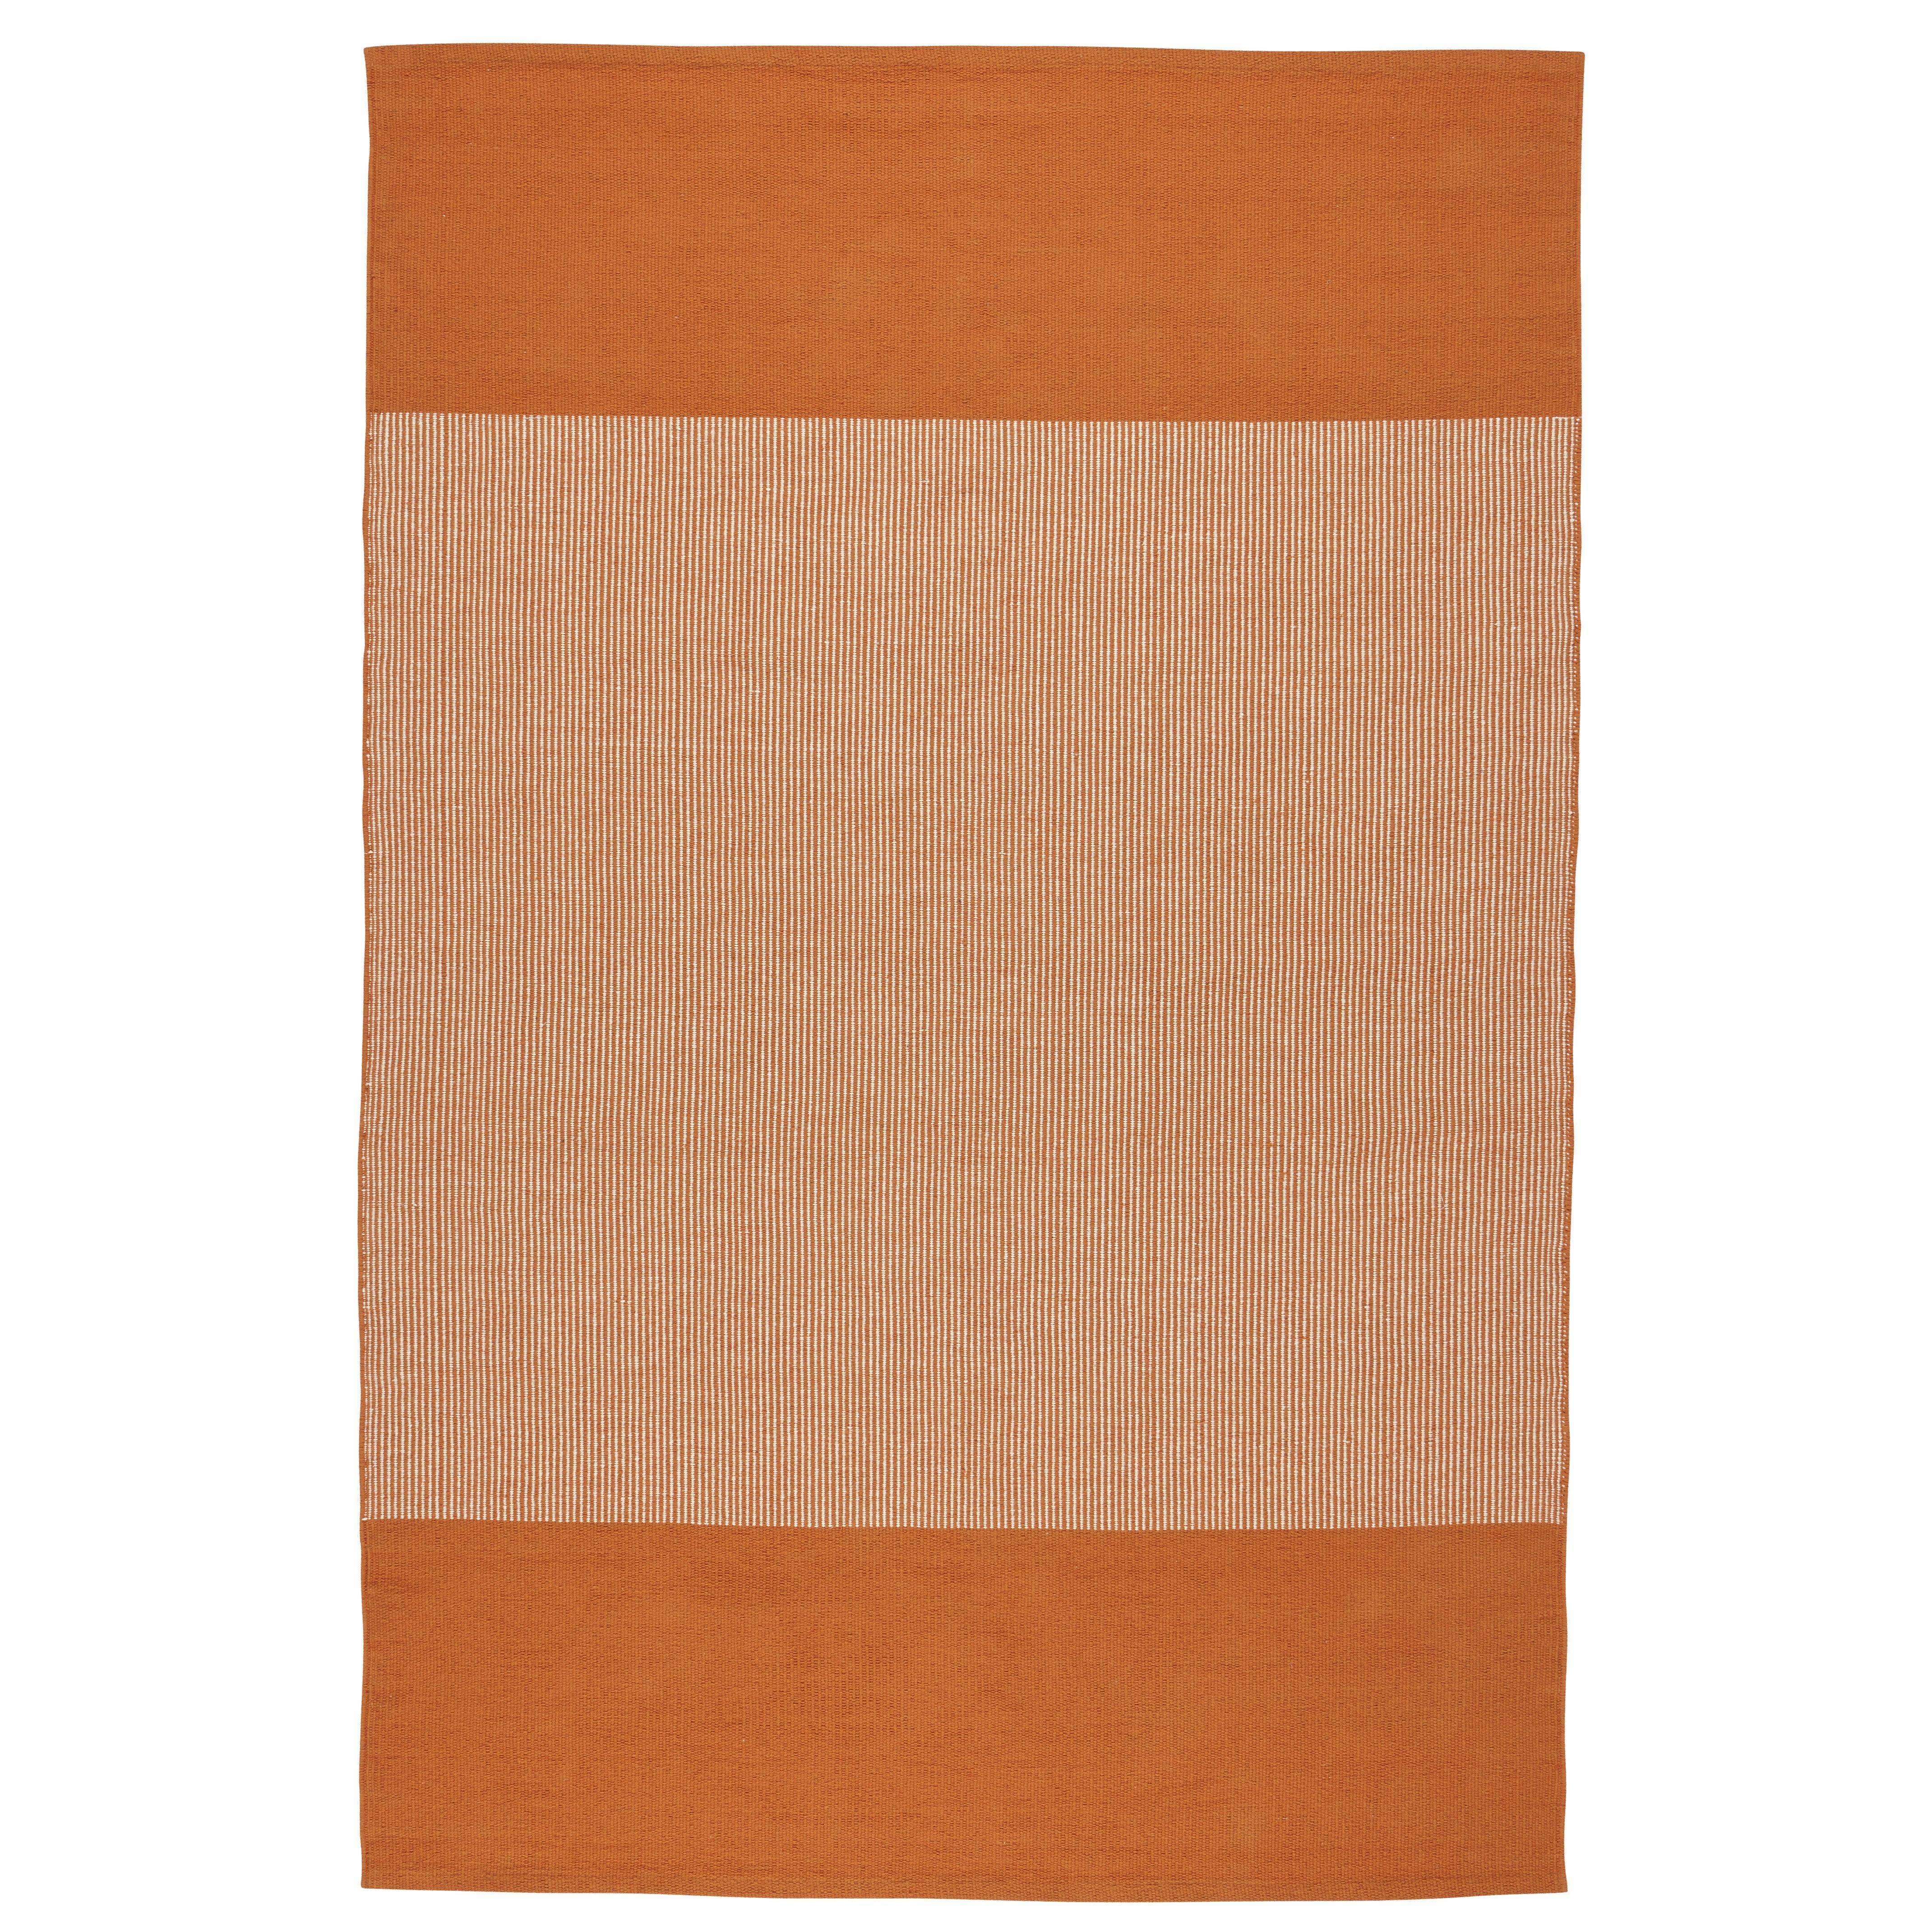 Sidebar orange rug launching in January 2015 brings in a pop of orange.